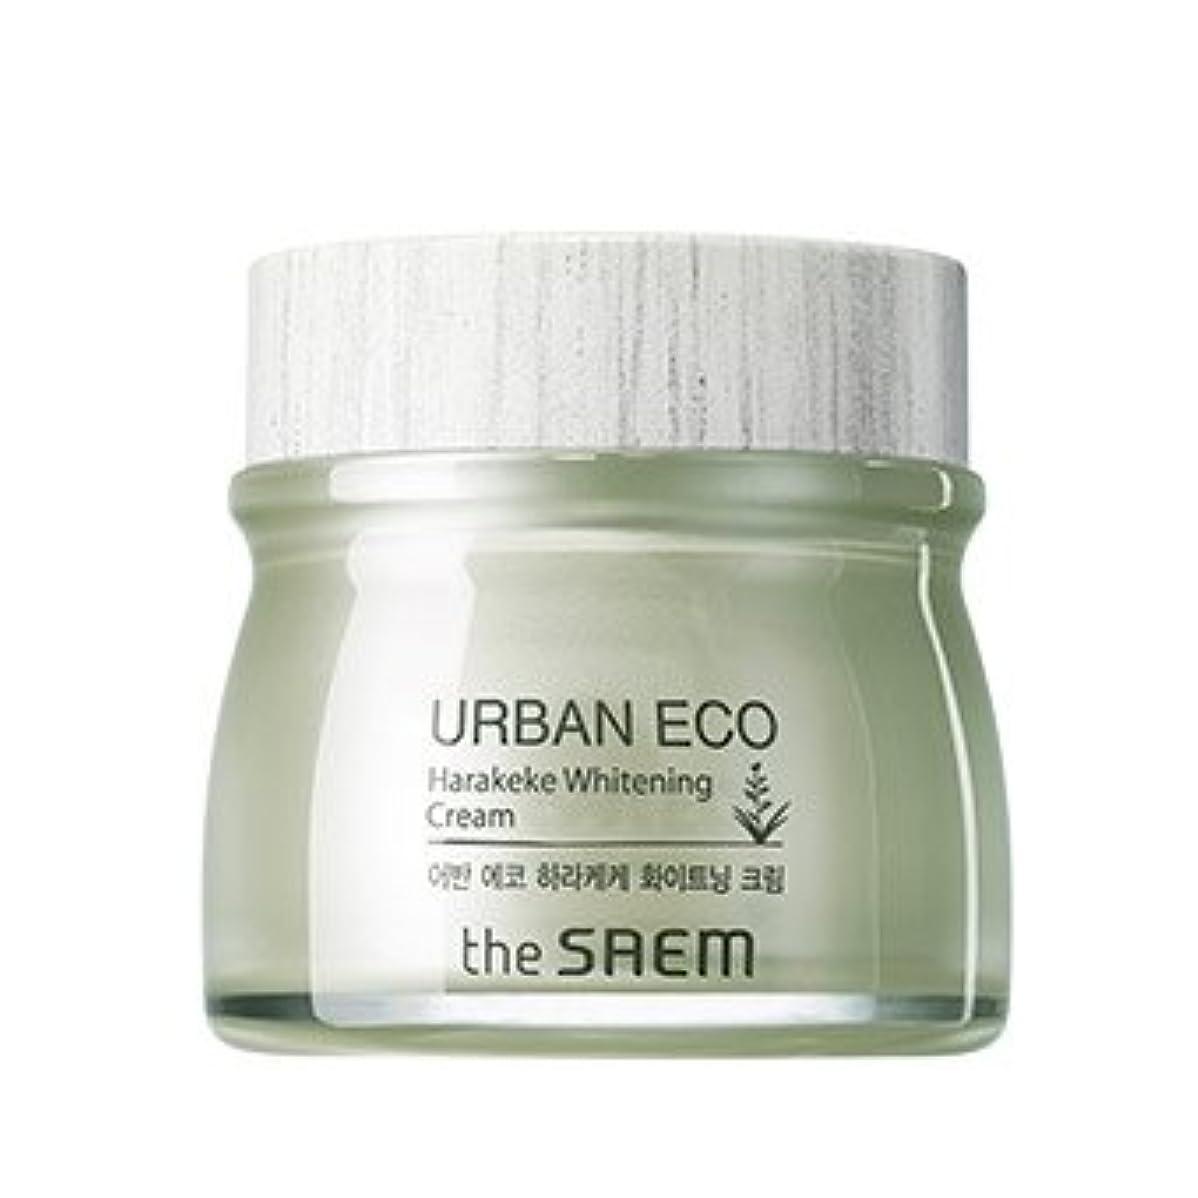 輝度黒板ペンthe SAEM Urban Eco Harakeke Whitening Cream 60ml/ザセム アーバン エコ ハラケケ ホワイトニング クリーム 60ml